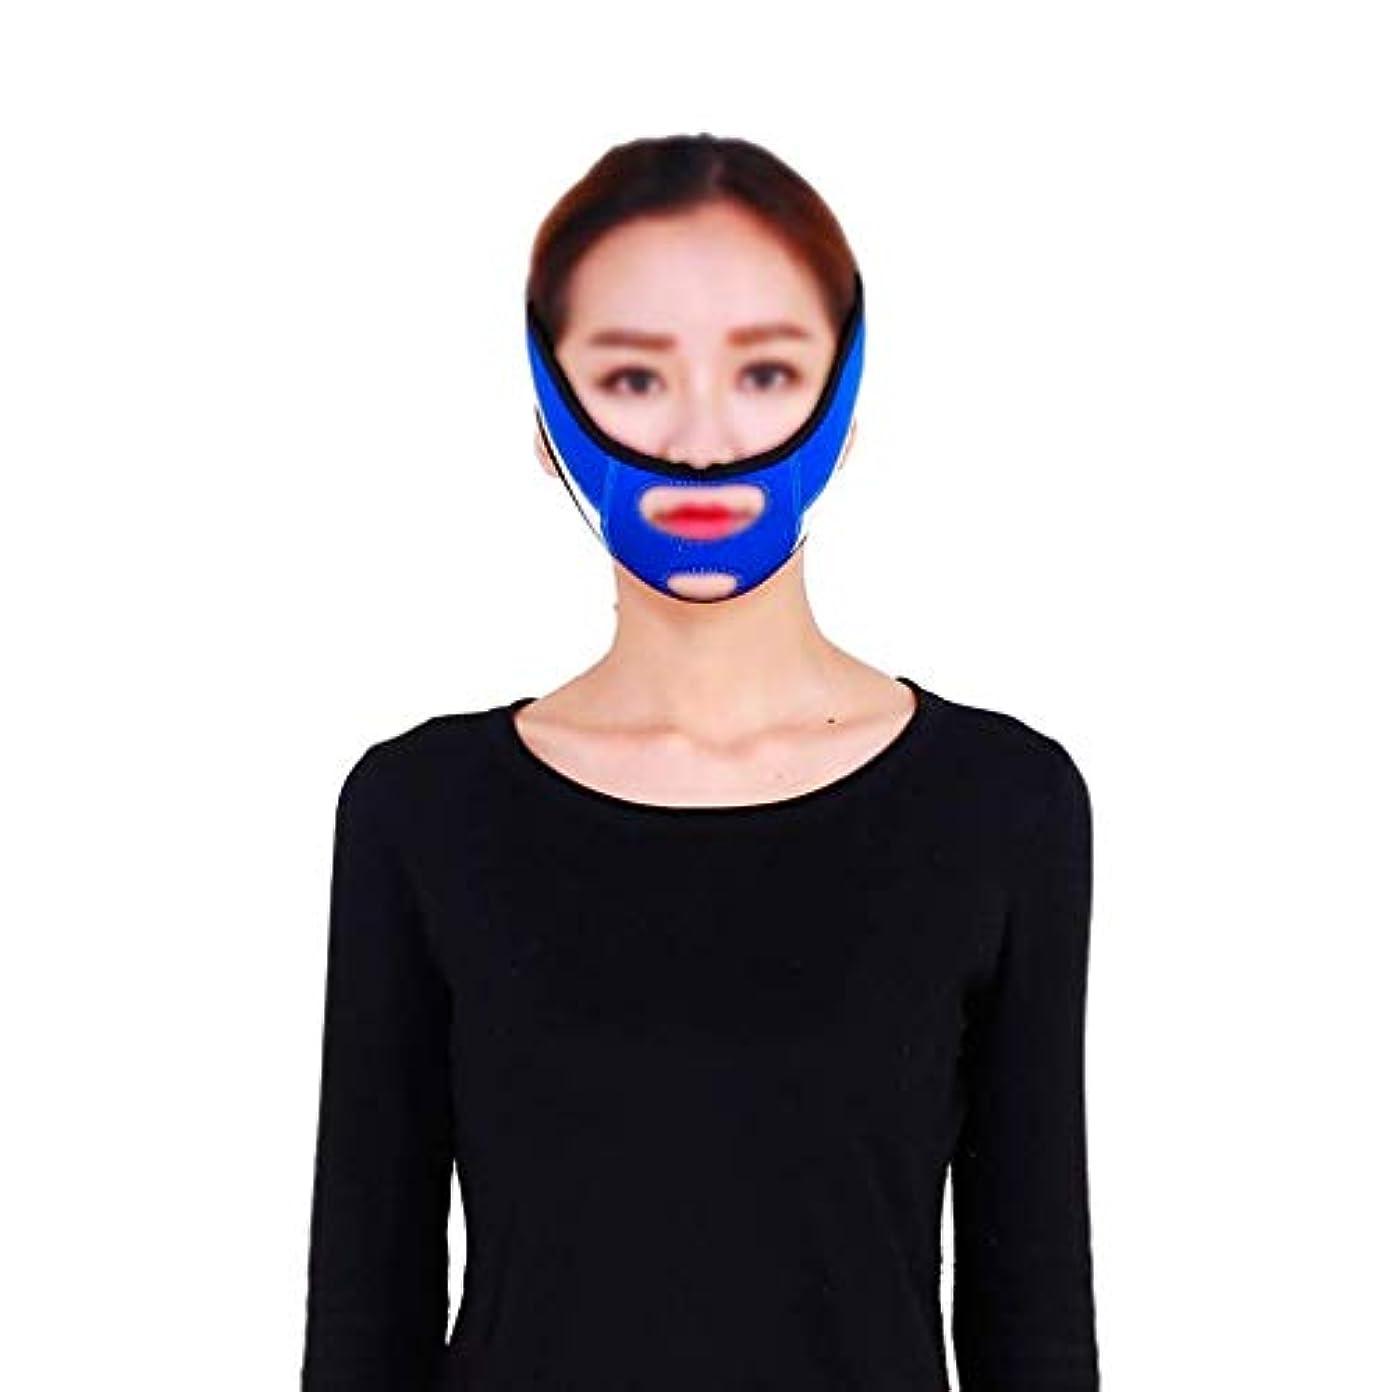 協力するカート経験者ファーミングフェイスマスク、スモールVフェイスアーティファクトリフティングマスク、口を調整して垂れ下がった肌を縮小滑り止め弾性ストレッチ包帯